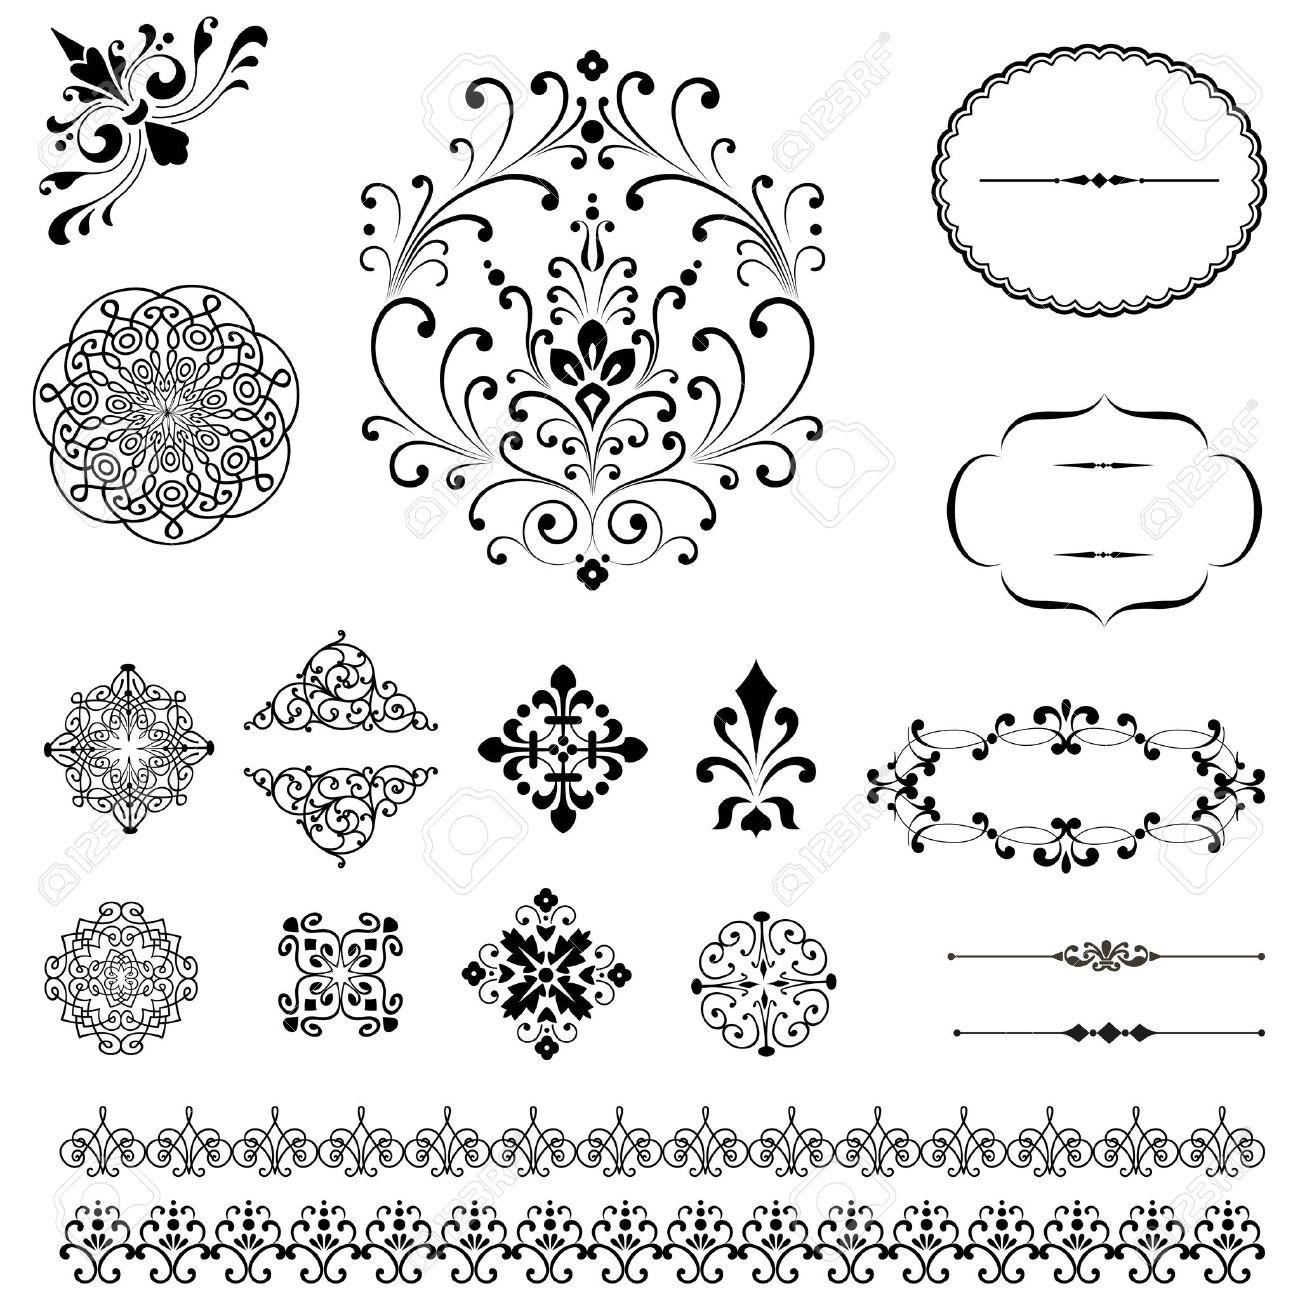 ornaments u0026 borders set set of black vector ornaments repeating